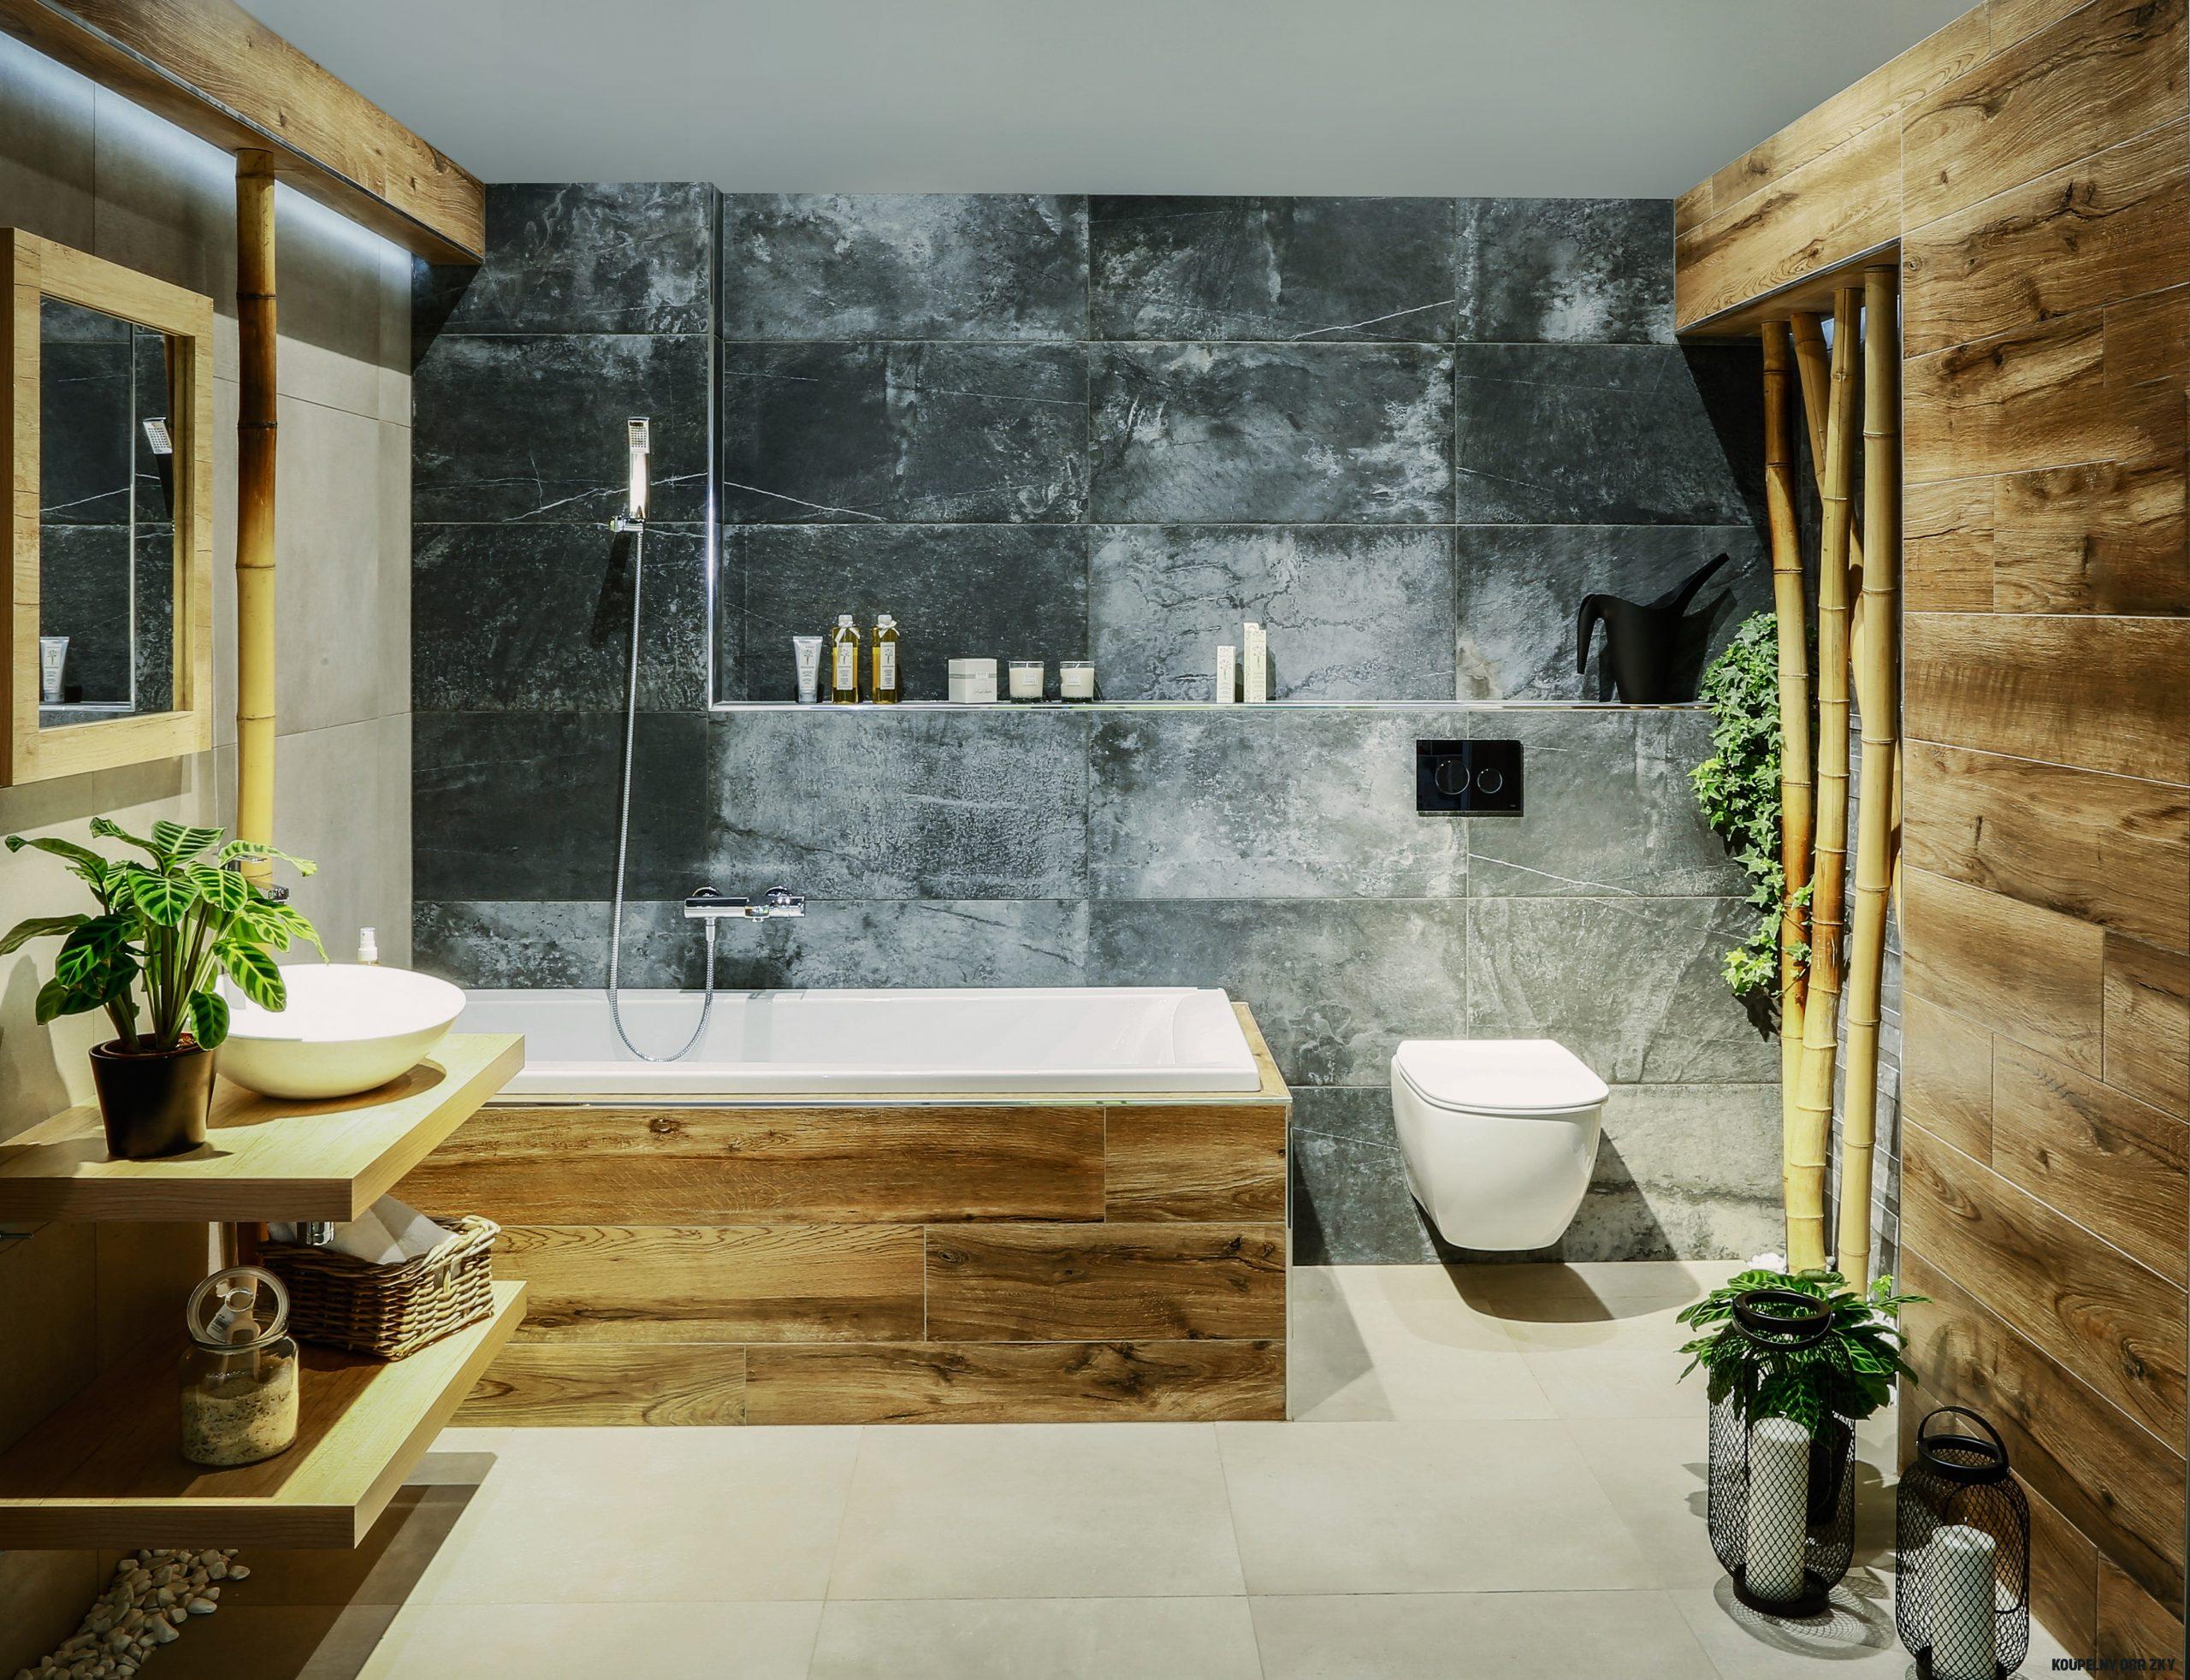 Roar rastezanje Delegacija koupelny rustikální styl